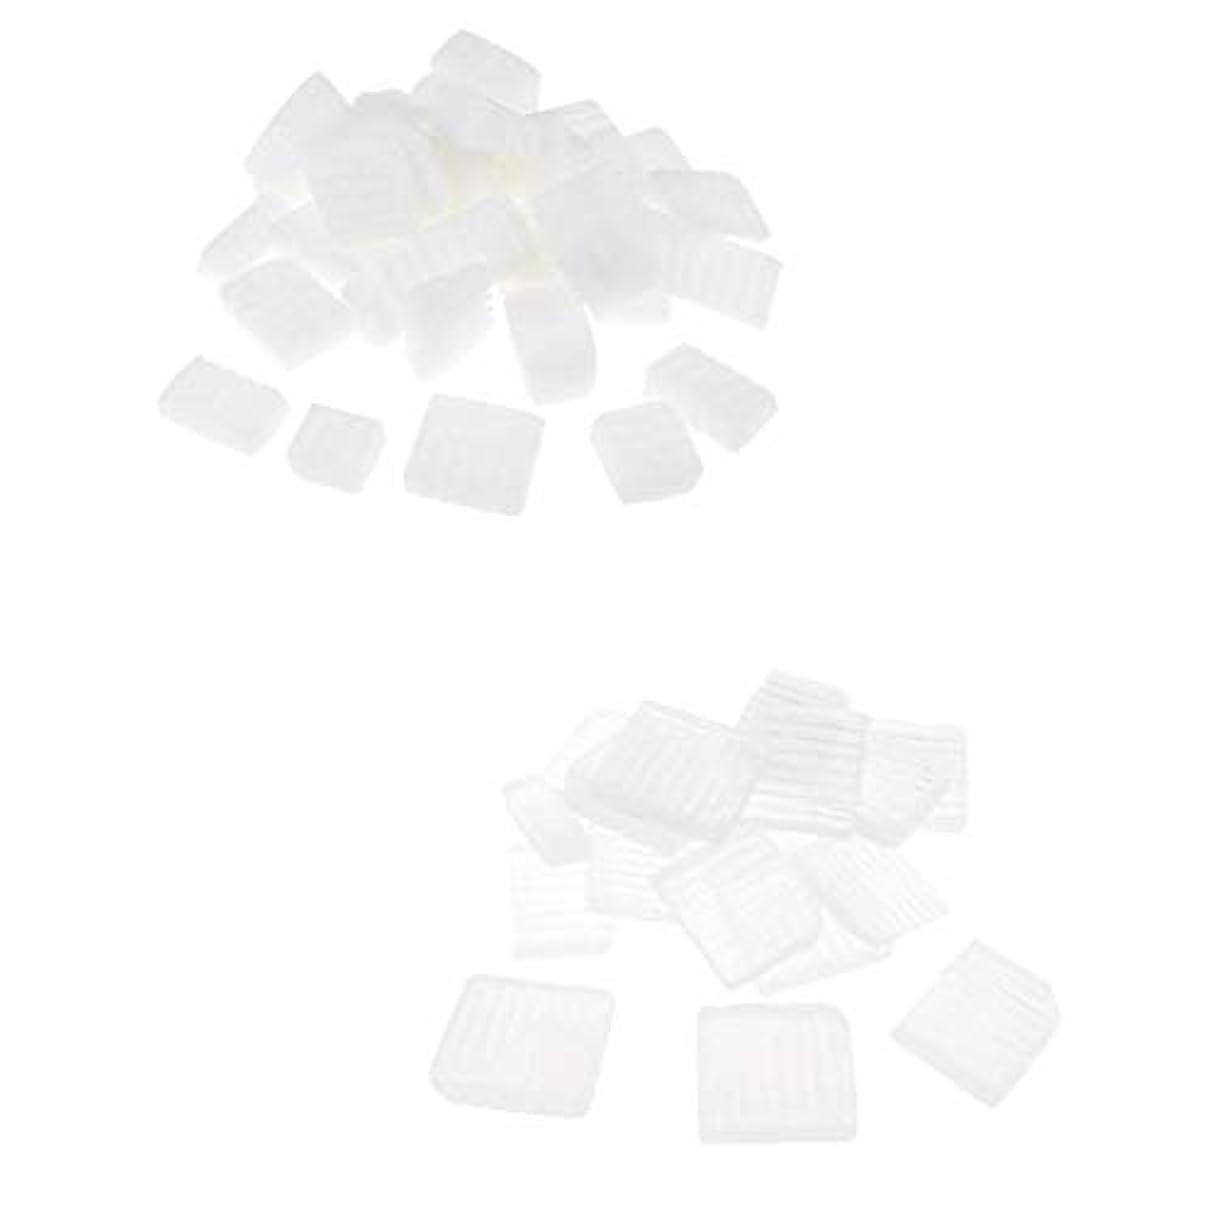 ヒット先マリンPerfeclan 固形せっけん ホワイト透明 手芸 バス用品 手作り ハンドメイド 石鹸製造 安全健康 2種混合